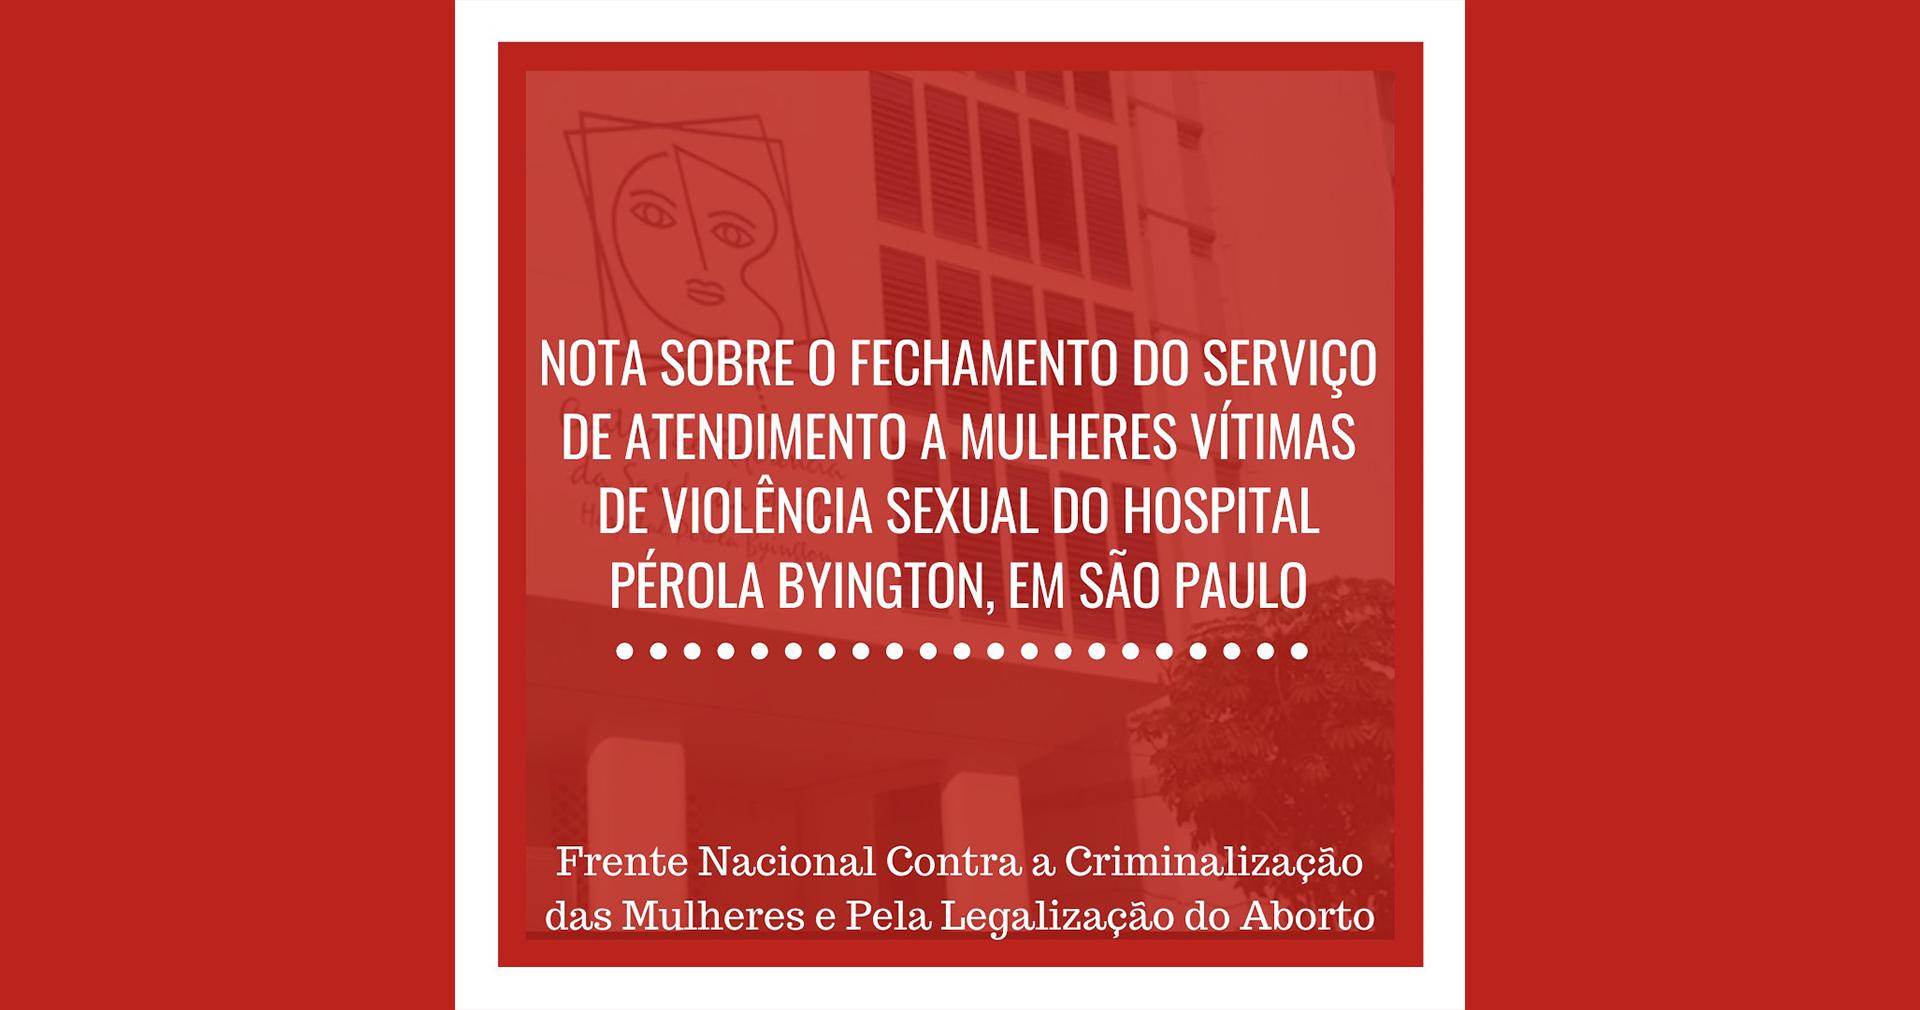 Nota sobre o fechamento do serviço de atendimento a mulheres vítimas de violência sexual do Hospital Pérola Byington